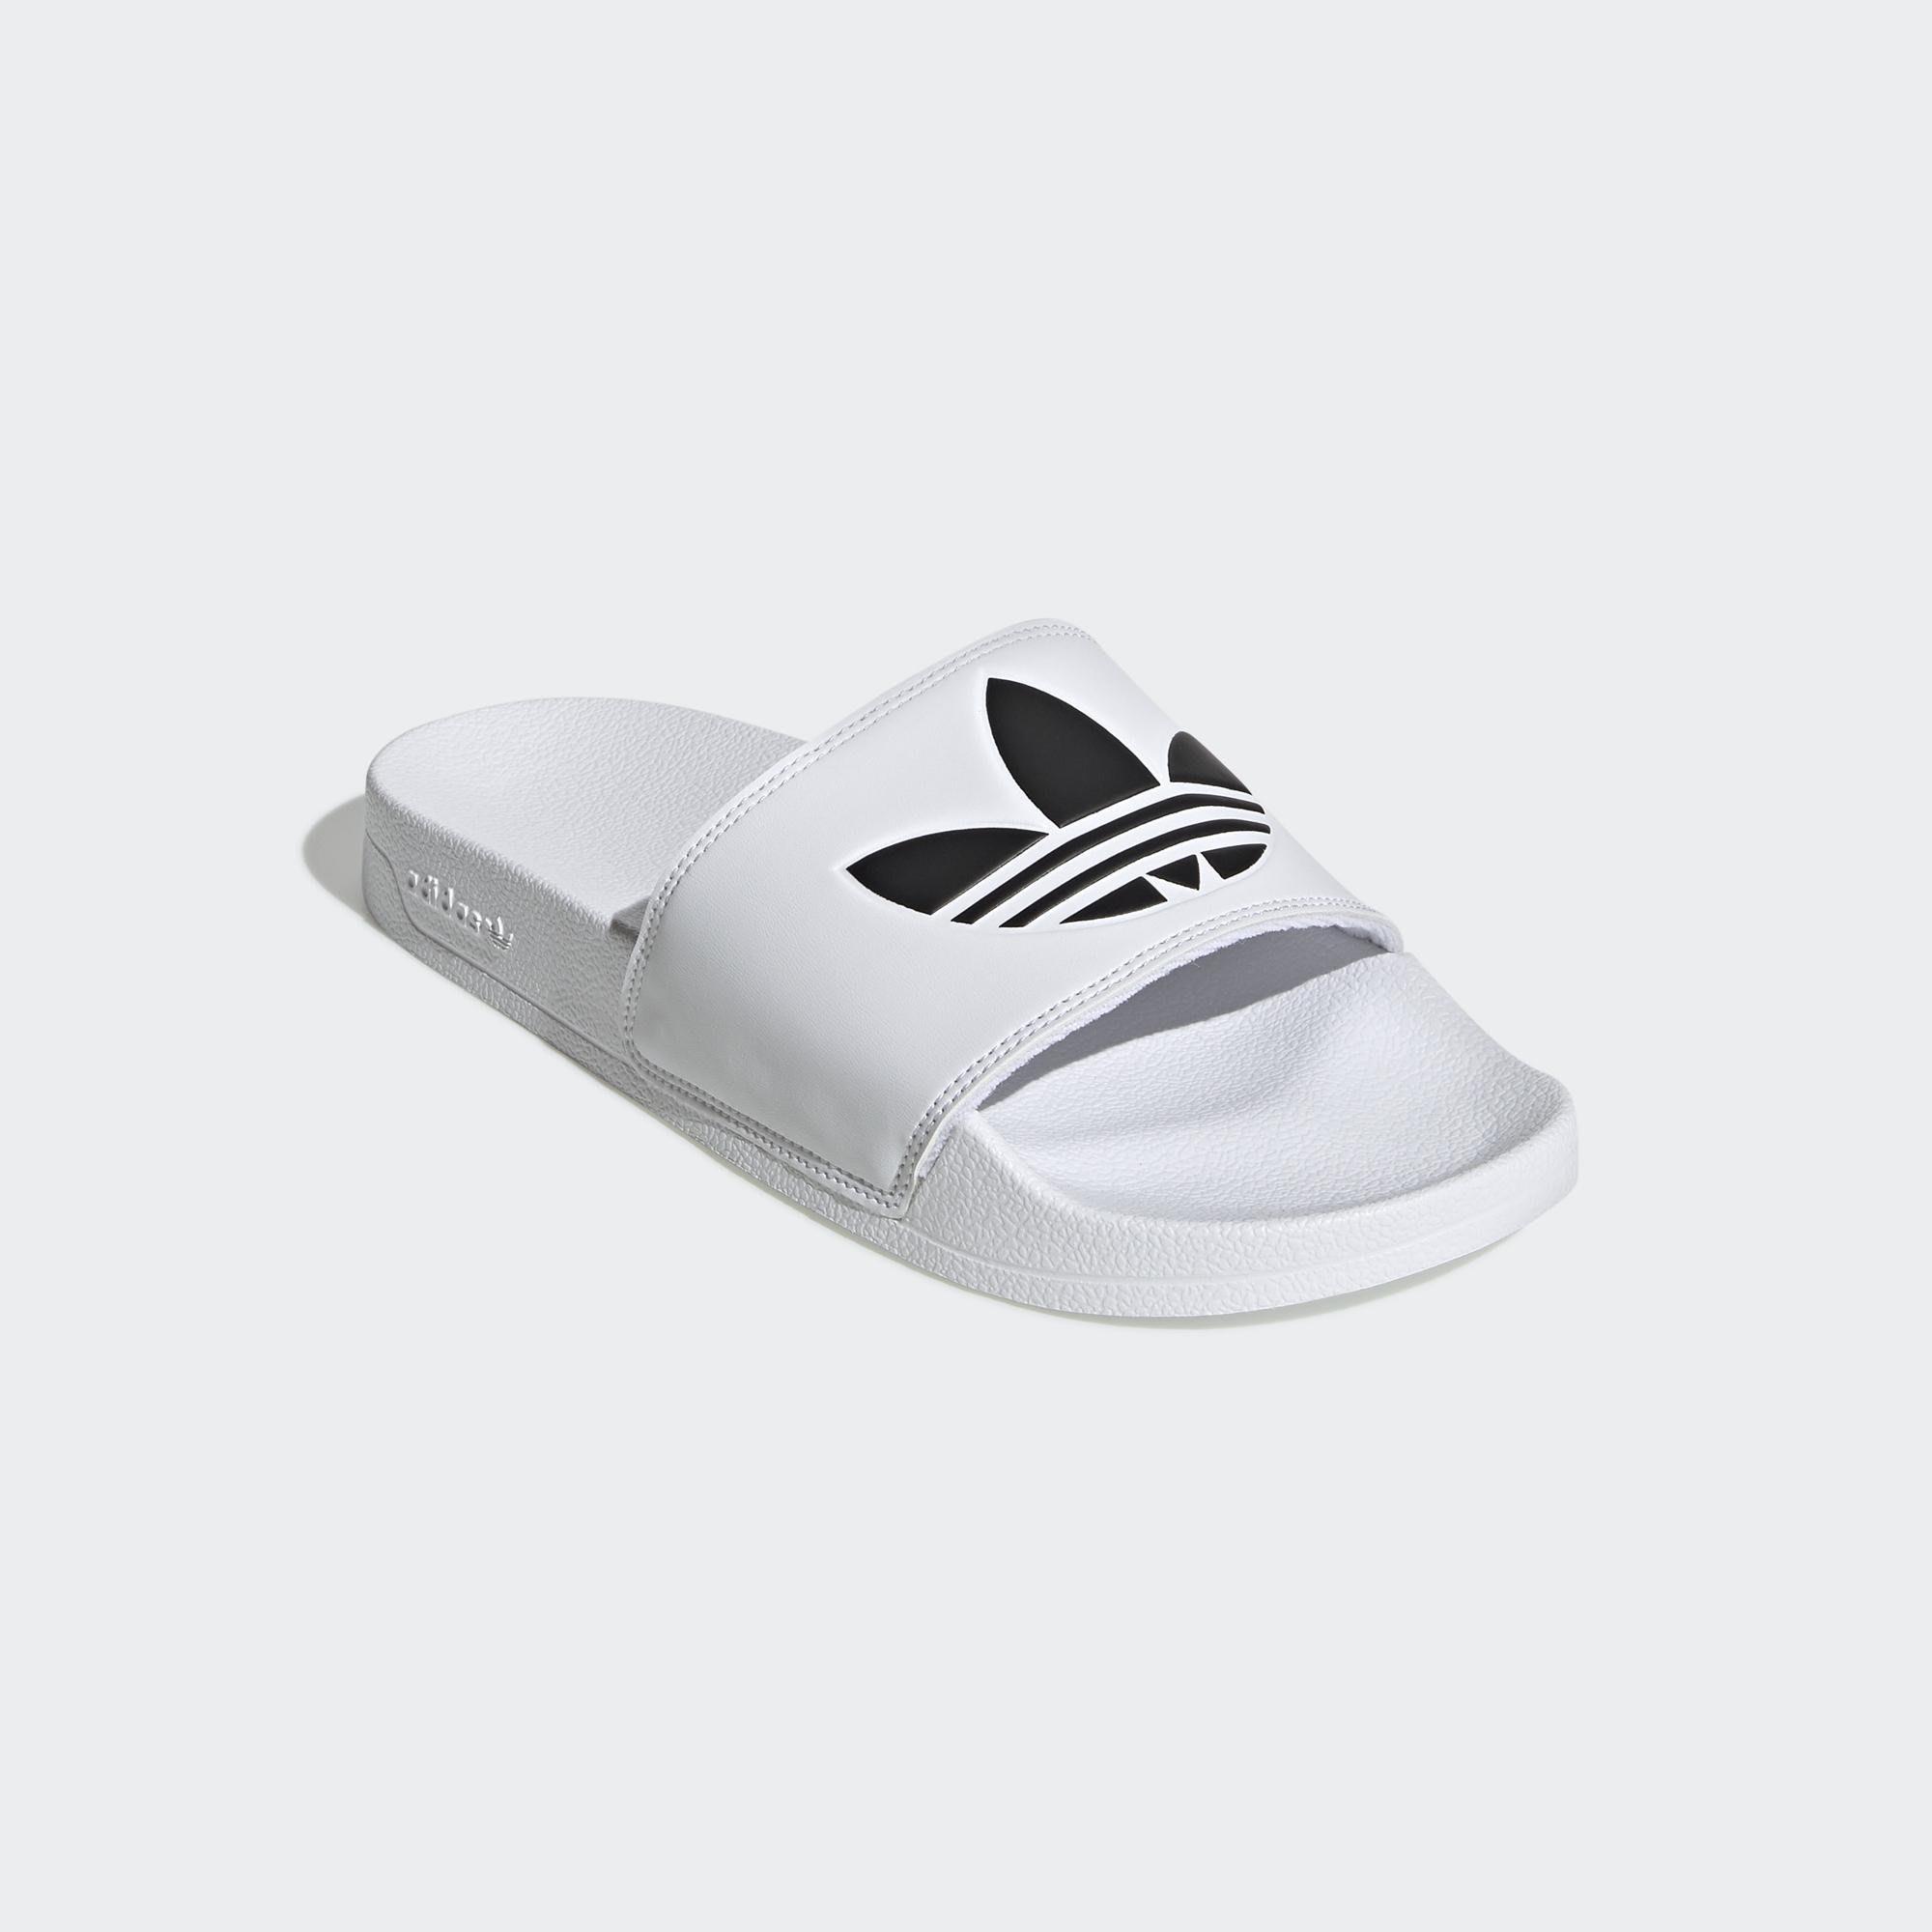 ADIDAS ORIGINALS ADILETTE LITE 男用運動拖鞋FU8297 | Yahoo ...